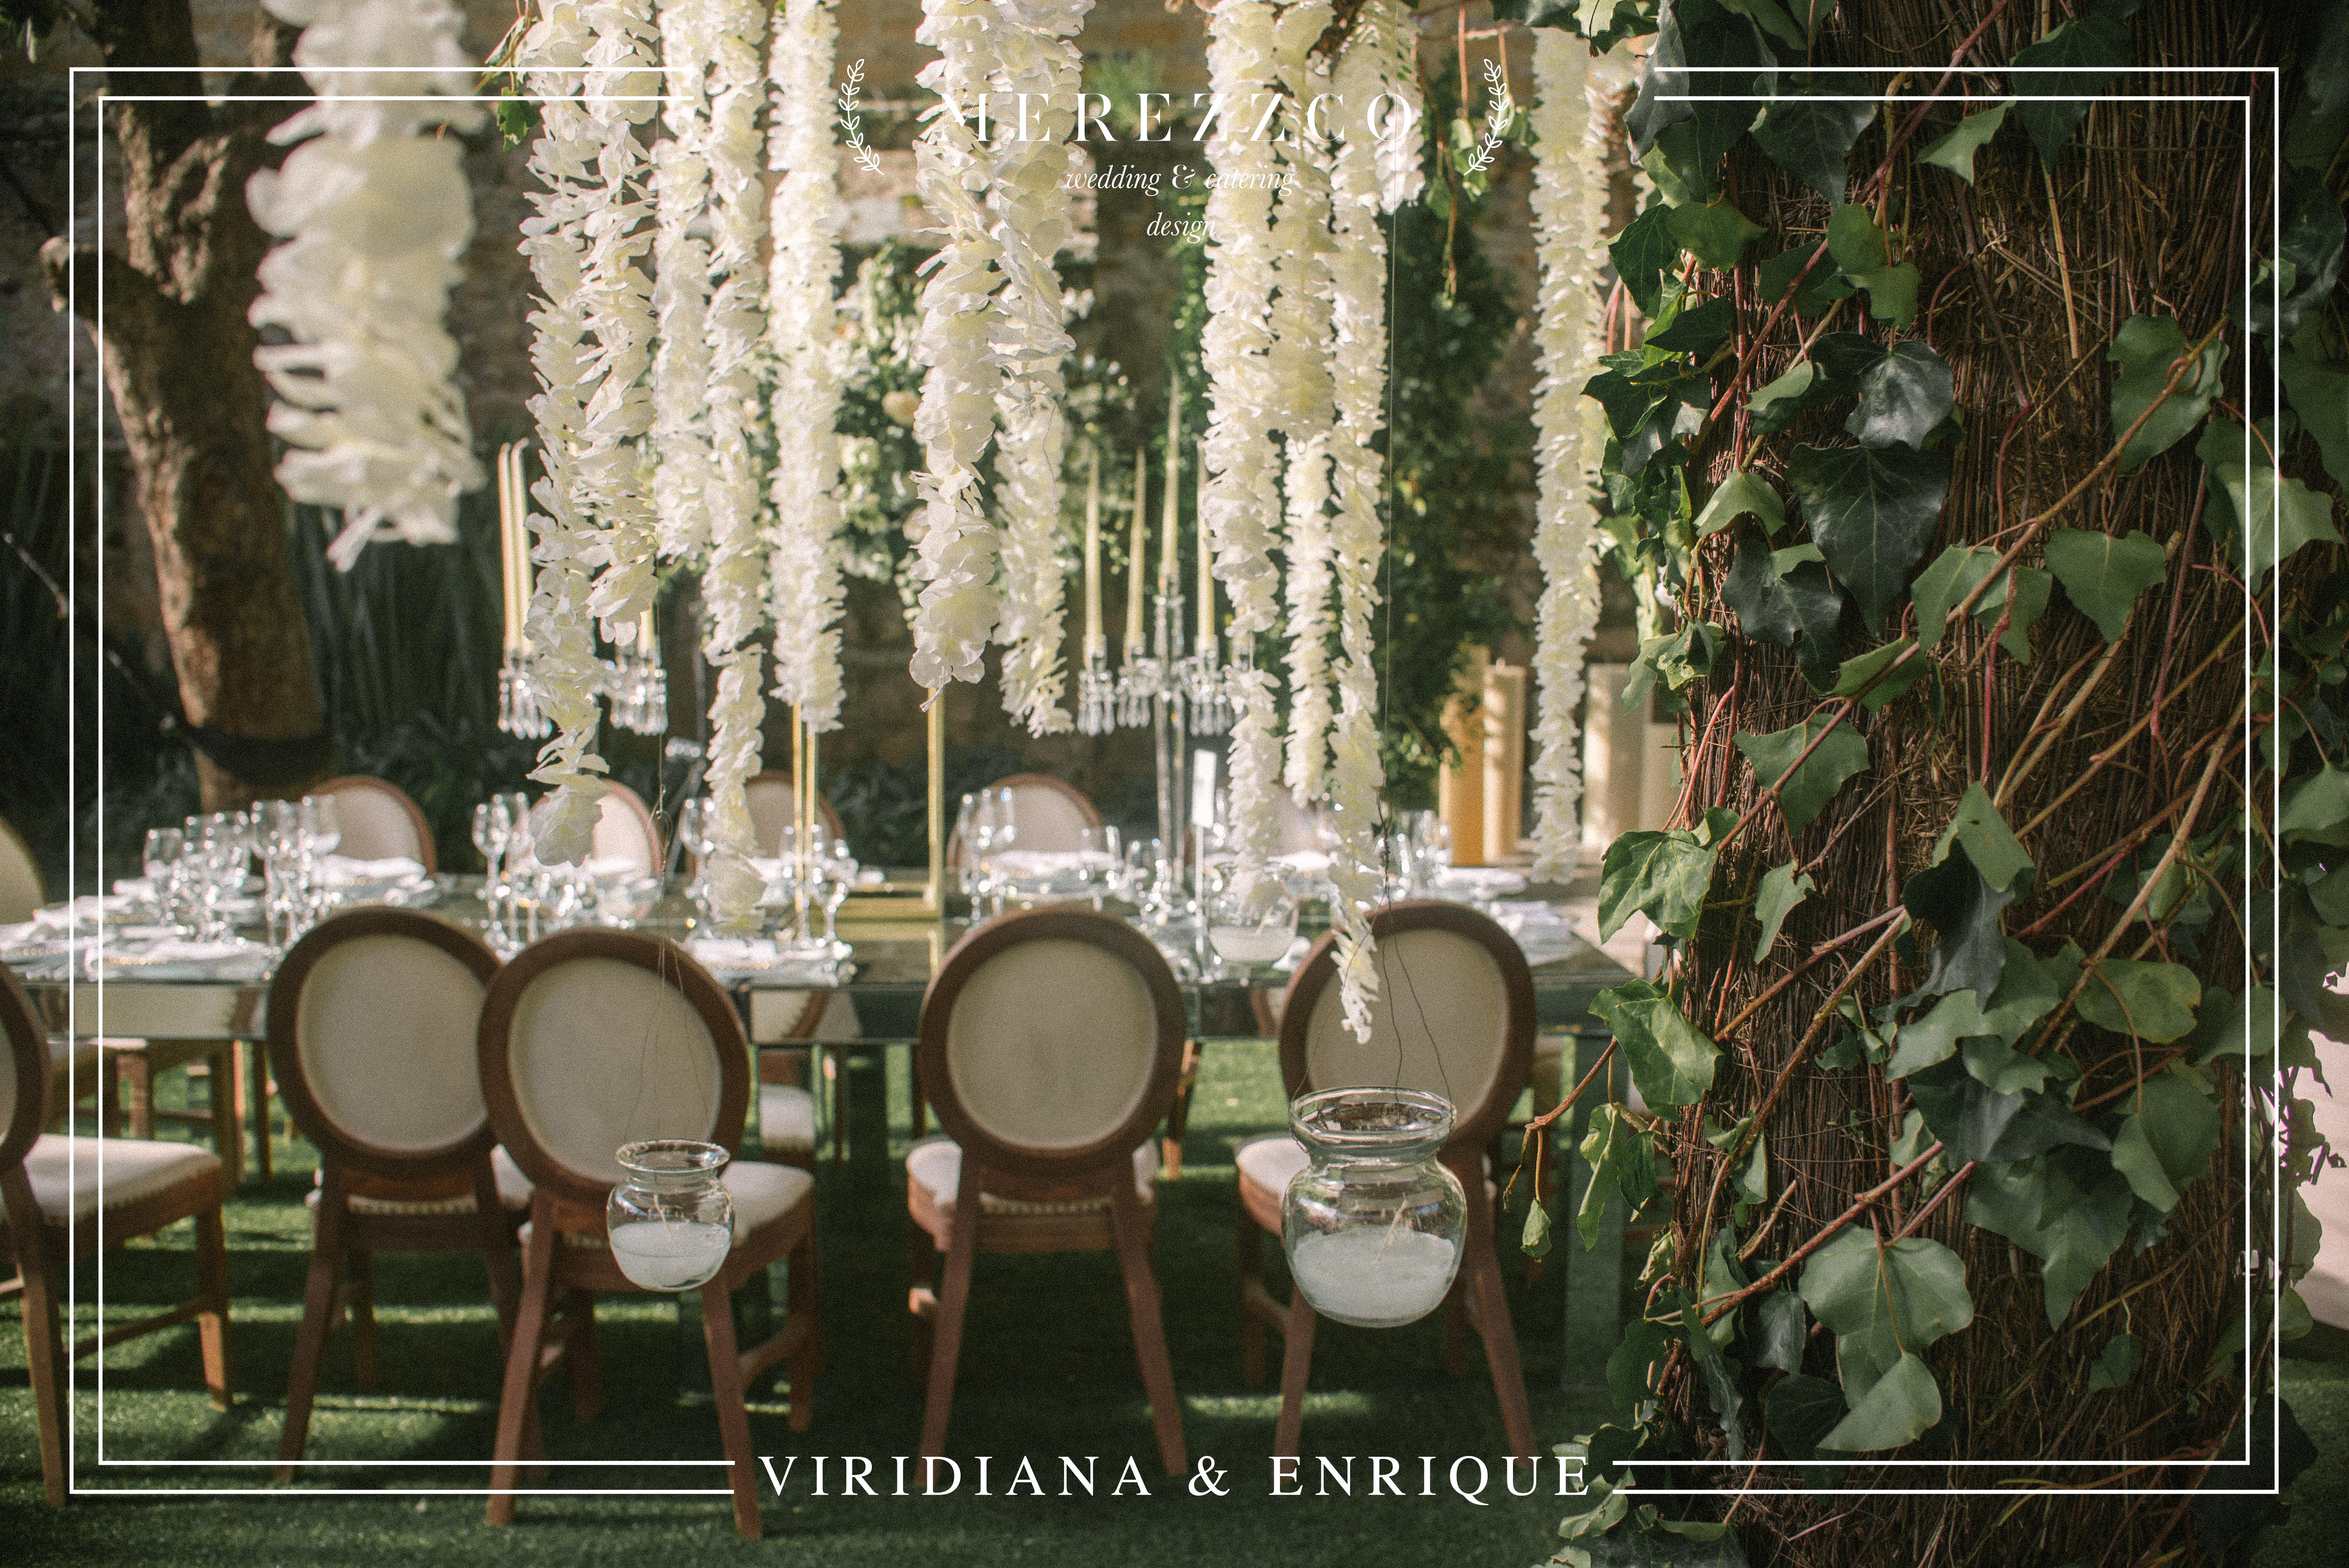 Viridiana & Enrique 8